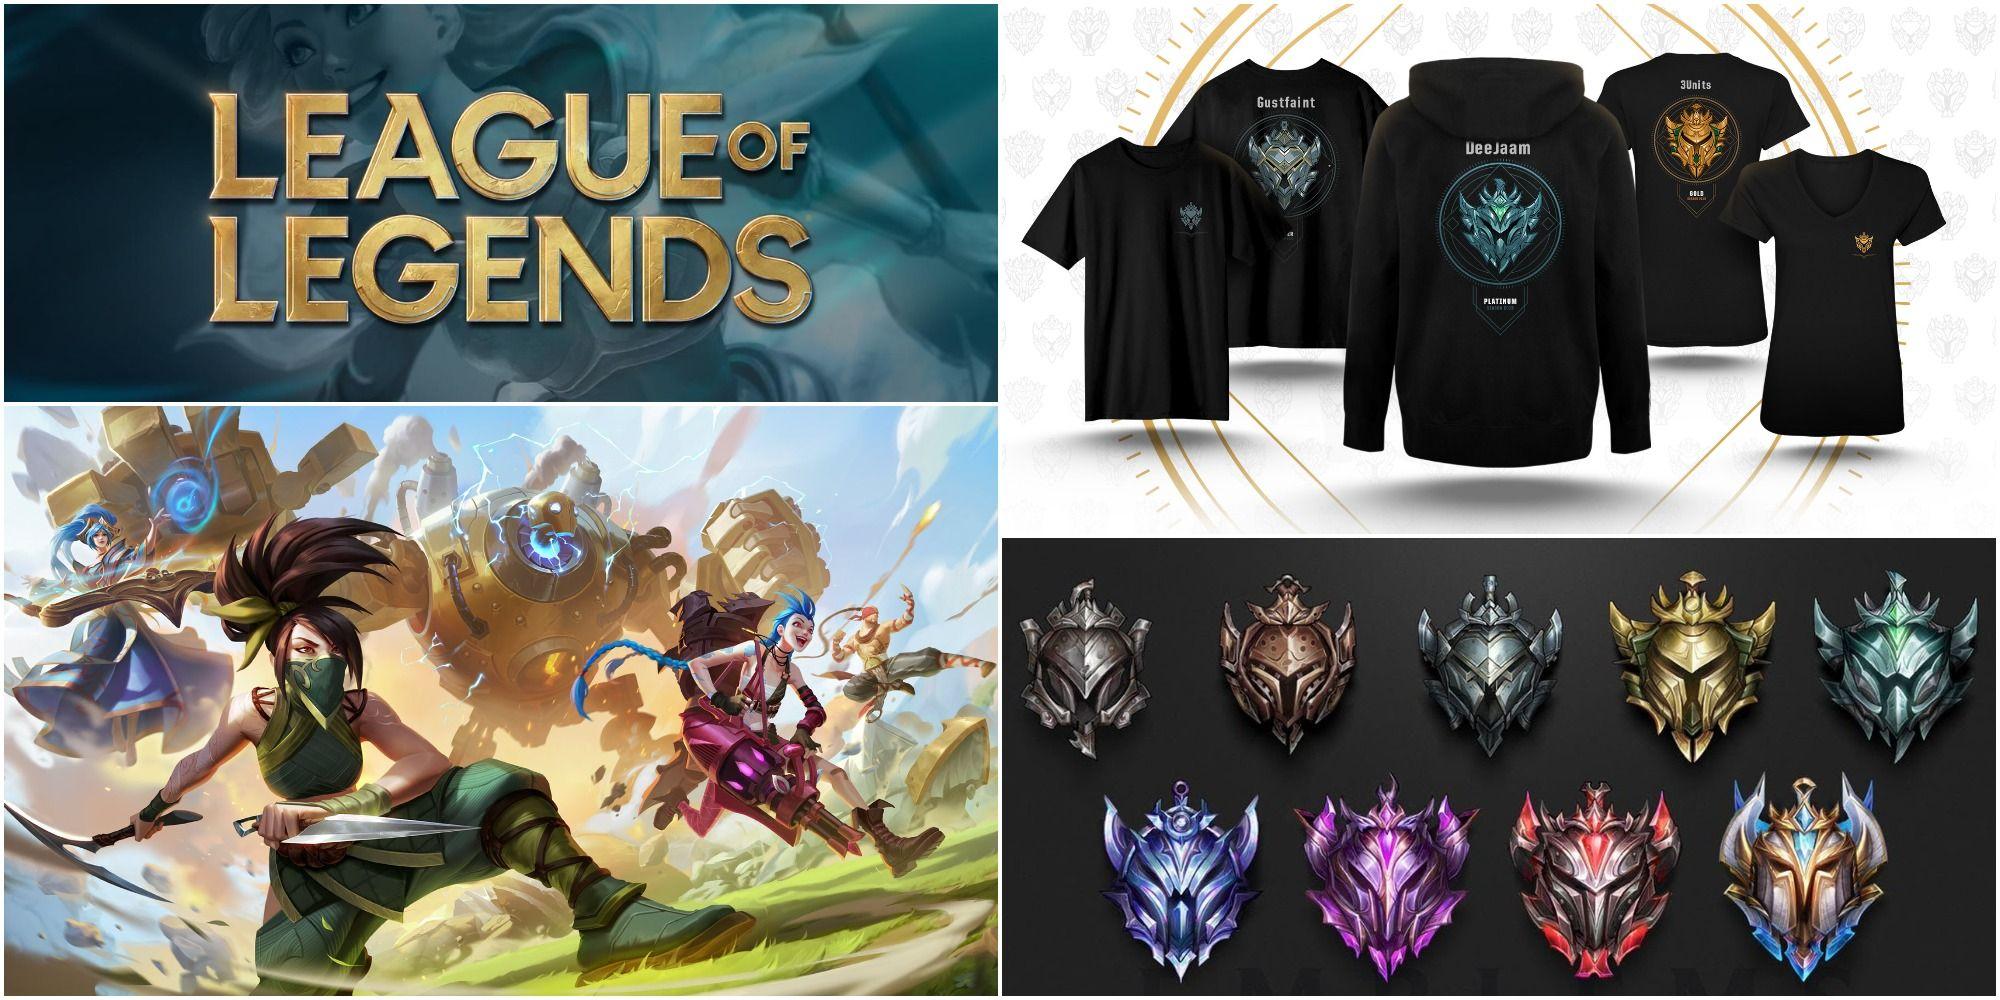 League Of Legends: cómo funciona el sistema de clasificación